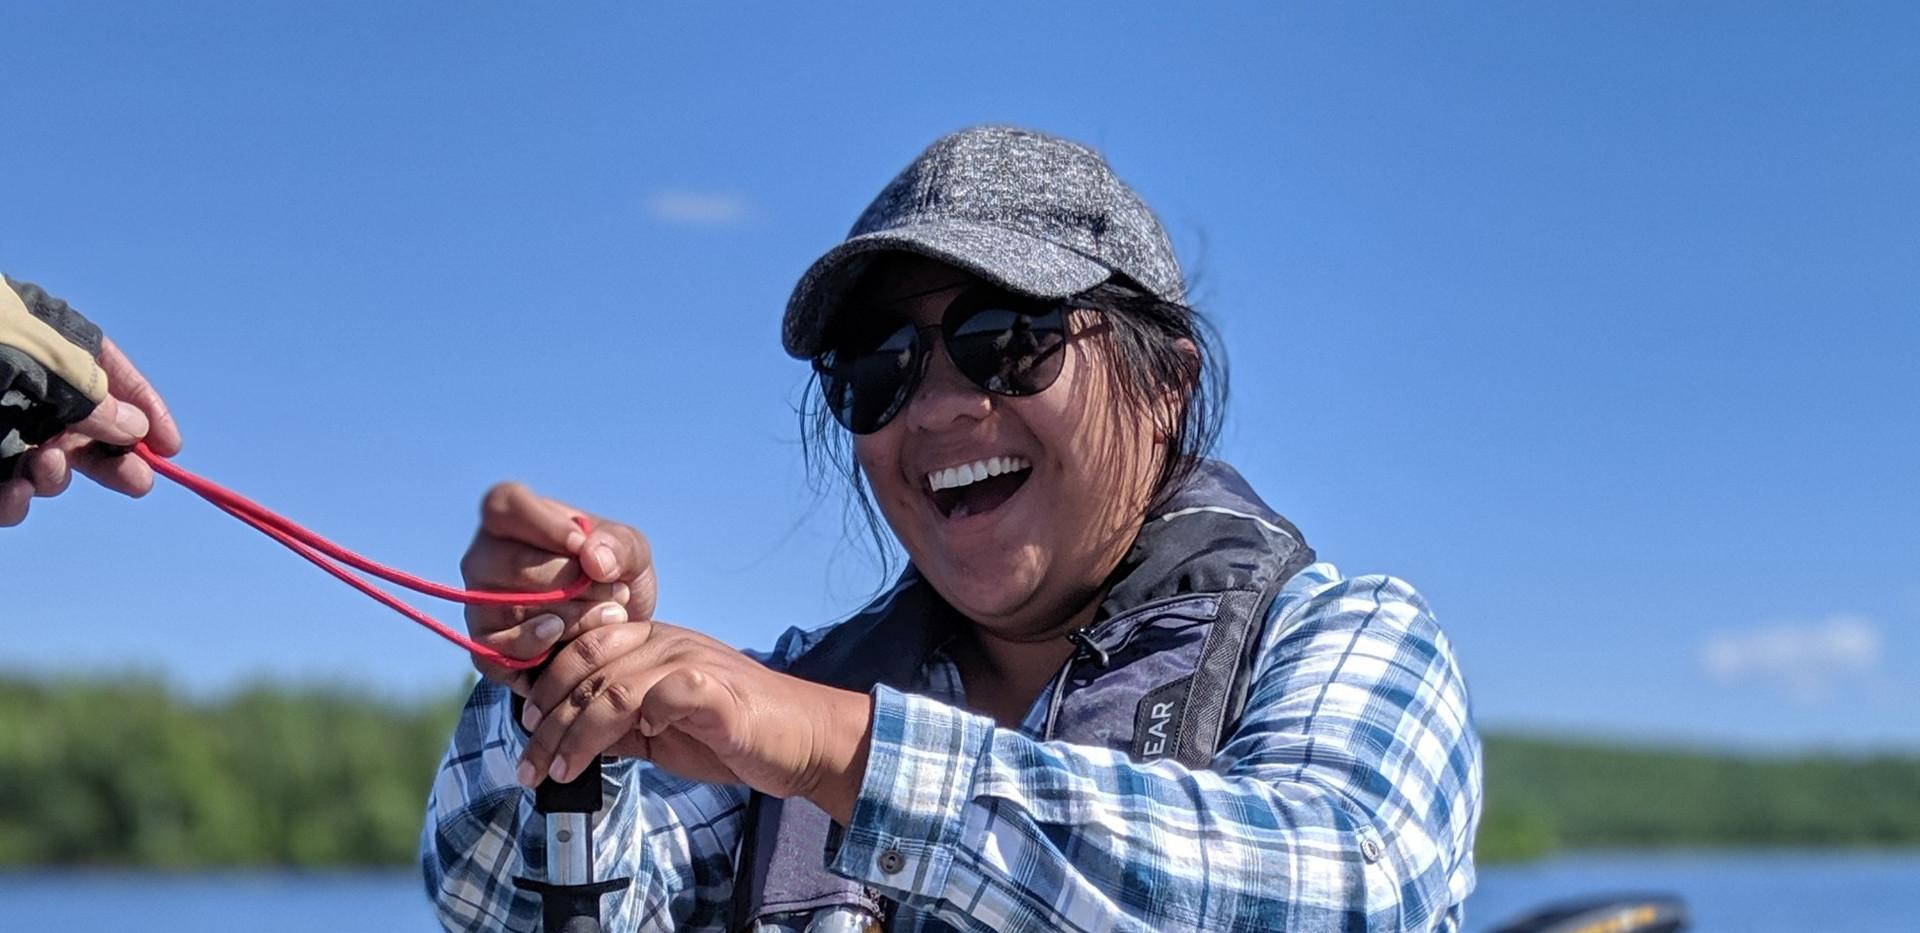 Fishing on Moose Lake